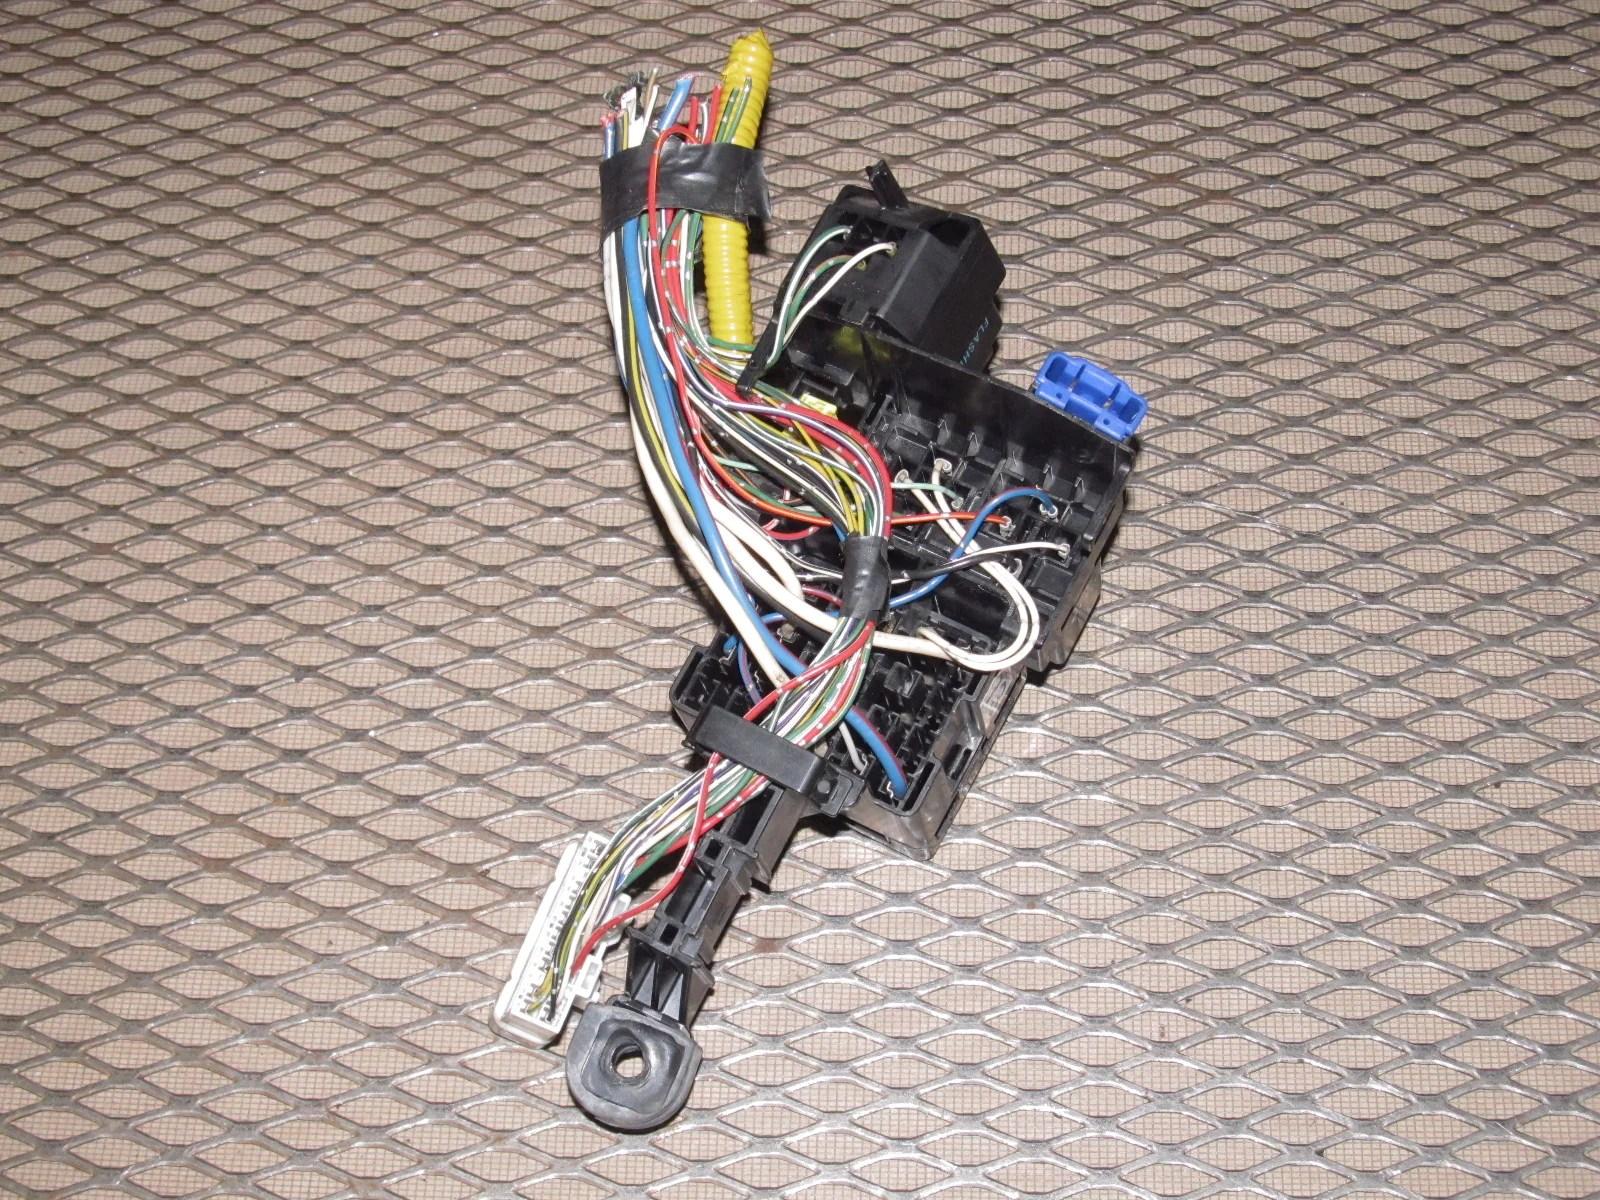 91 92 93 94 95 toyota mr2 oem interior dash fuse box [ 1600 x 1200 Pixel ]